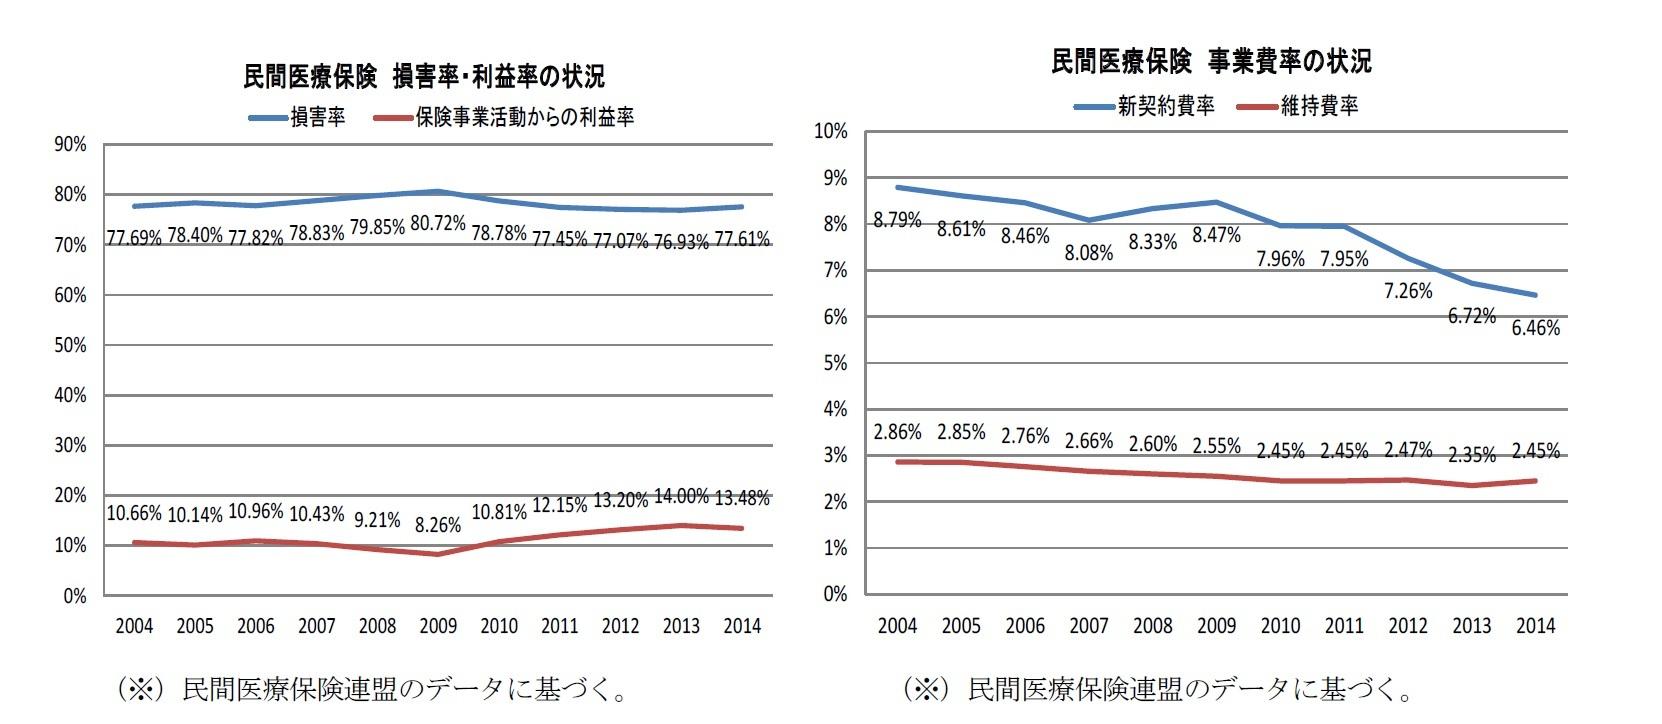 民間医療保険損害率・利益率の状況/民間医療保険事業費率の状況